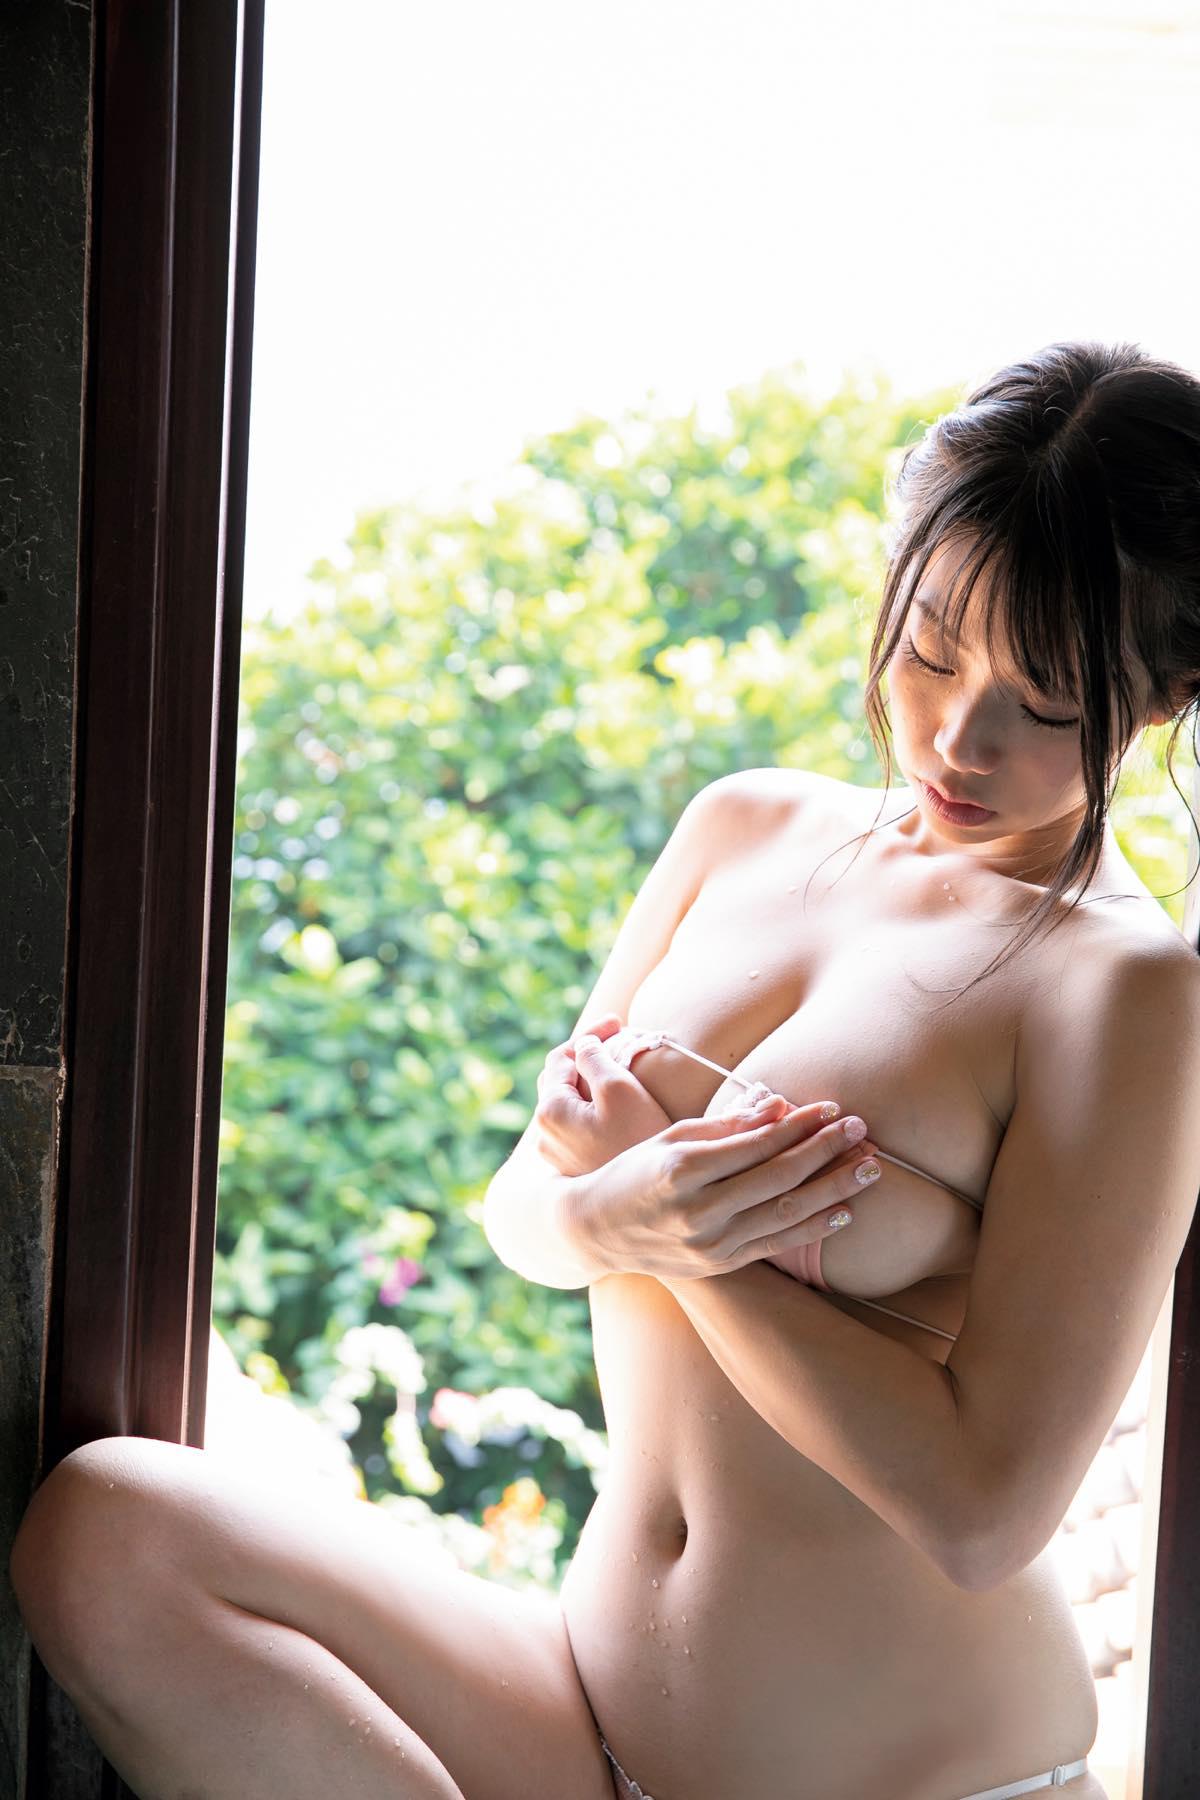 鈴木ふみ奈「世界標準」ゴージャスボディがバスルームで輝く006